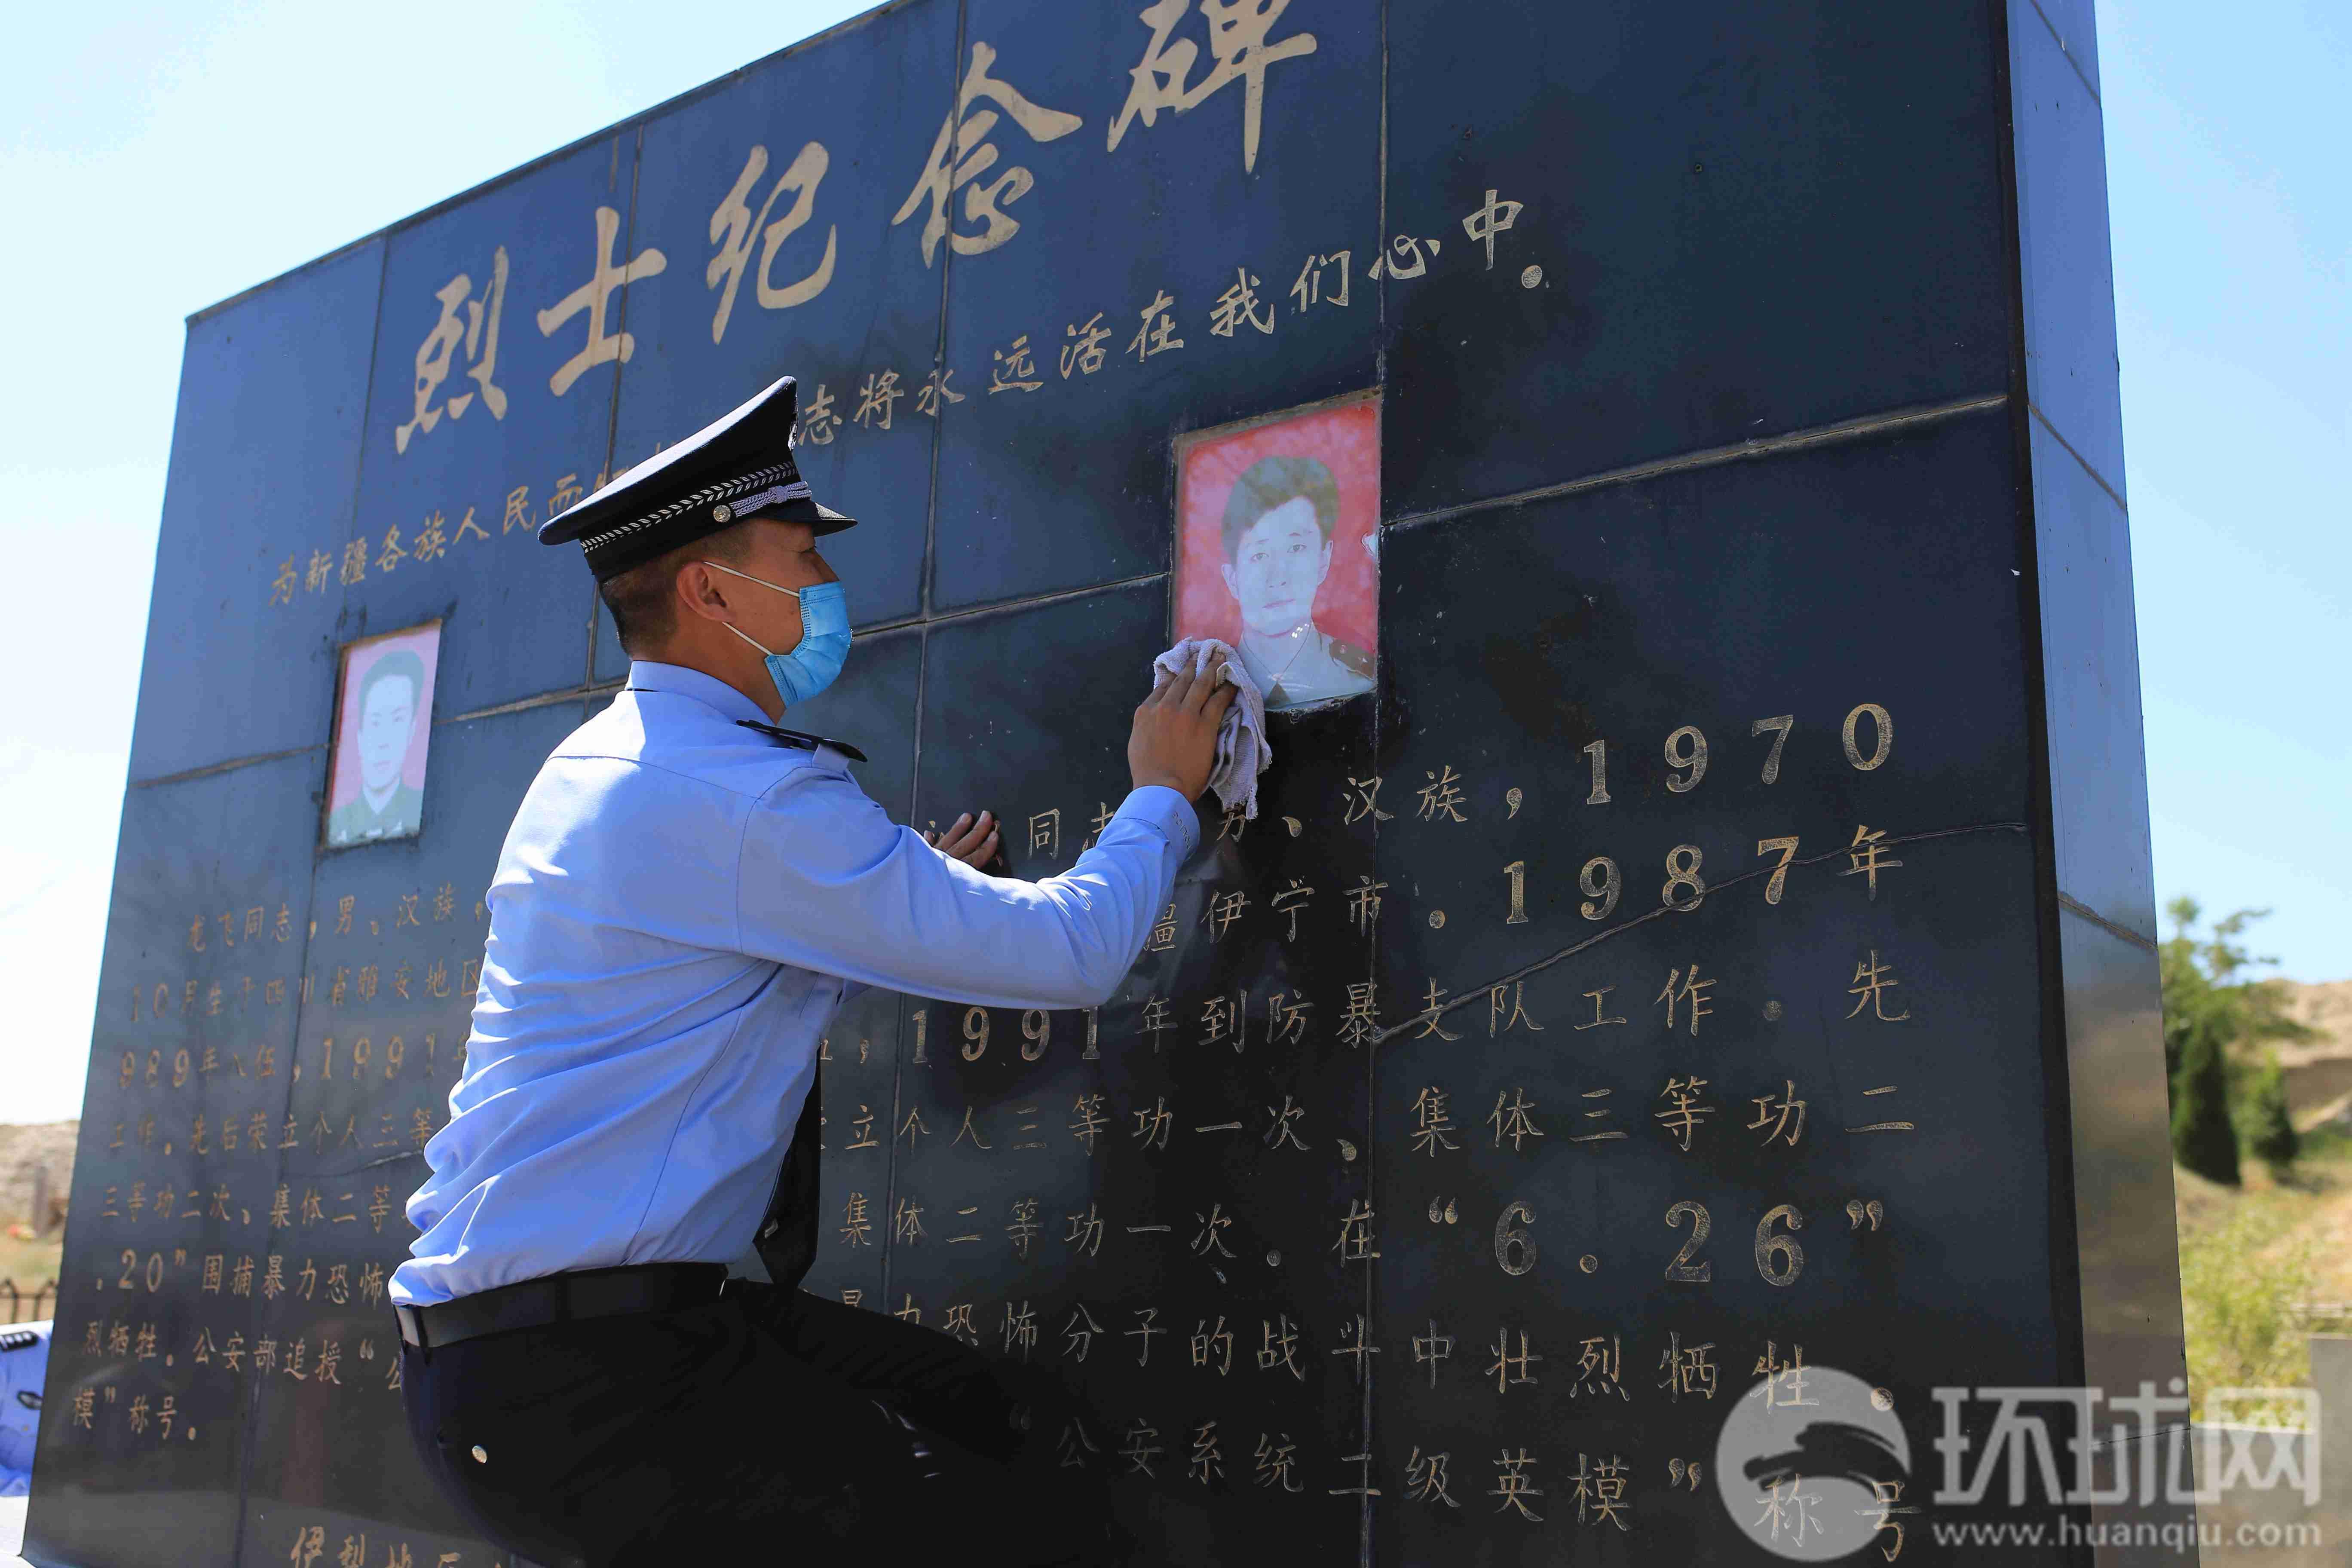 伊犁州公安局的干警在擦拭龙飞和孔永强烈士的纪念碑。摄影 范凌志